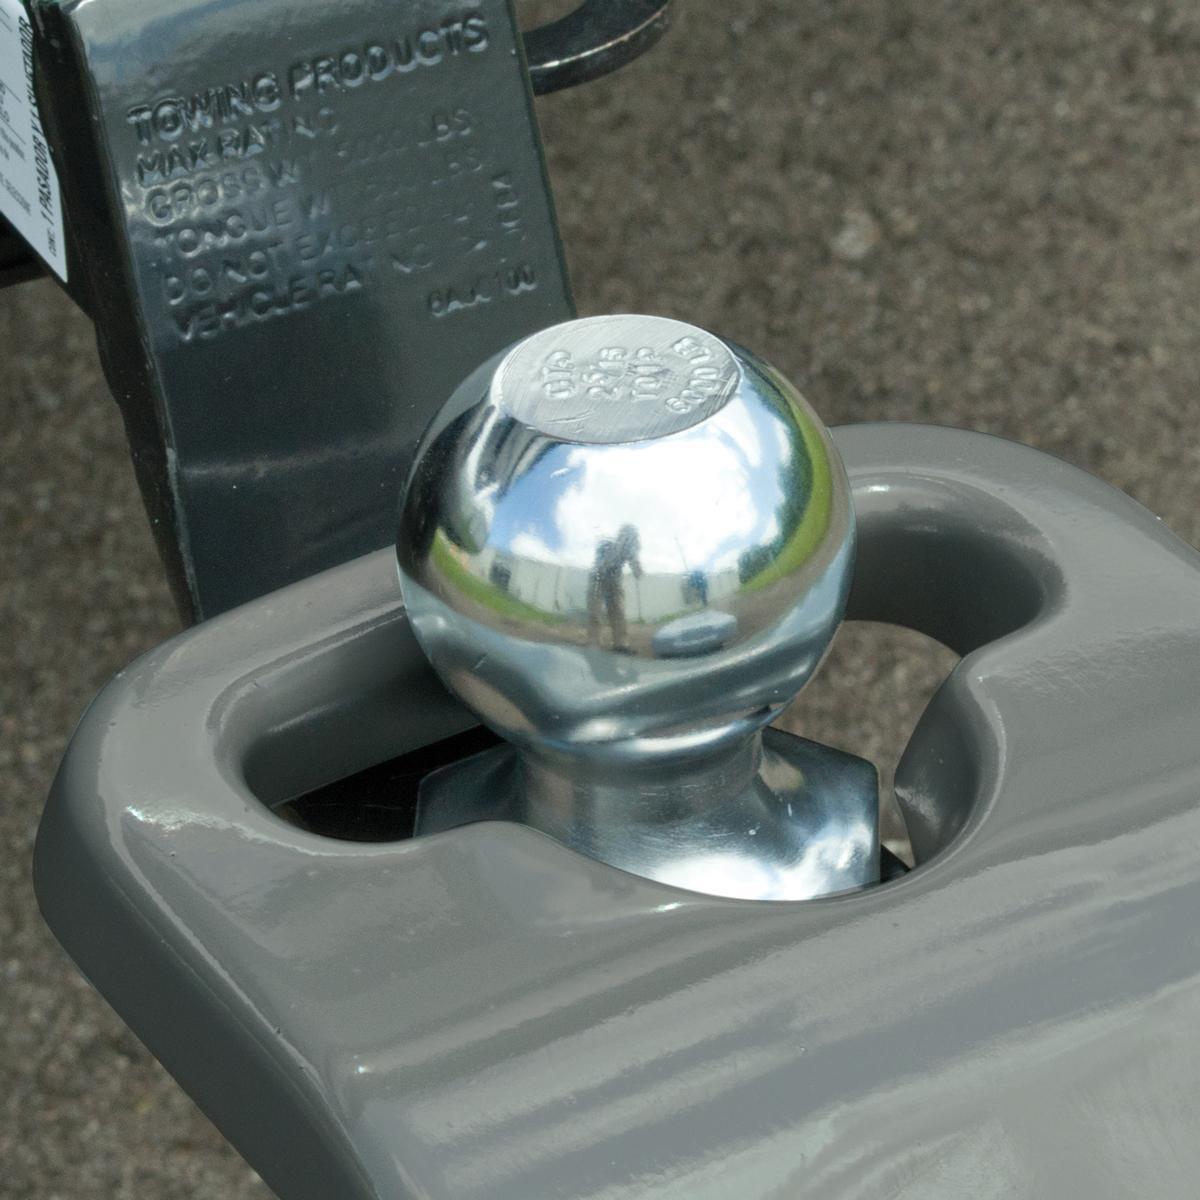 Amazon.com: SmartTote2 40518 LX Portable RV Waste Tote